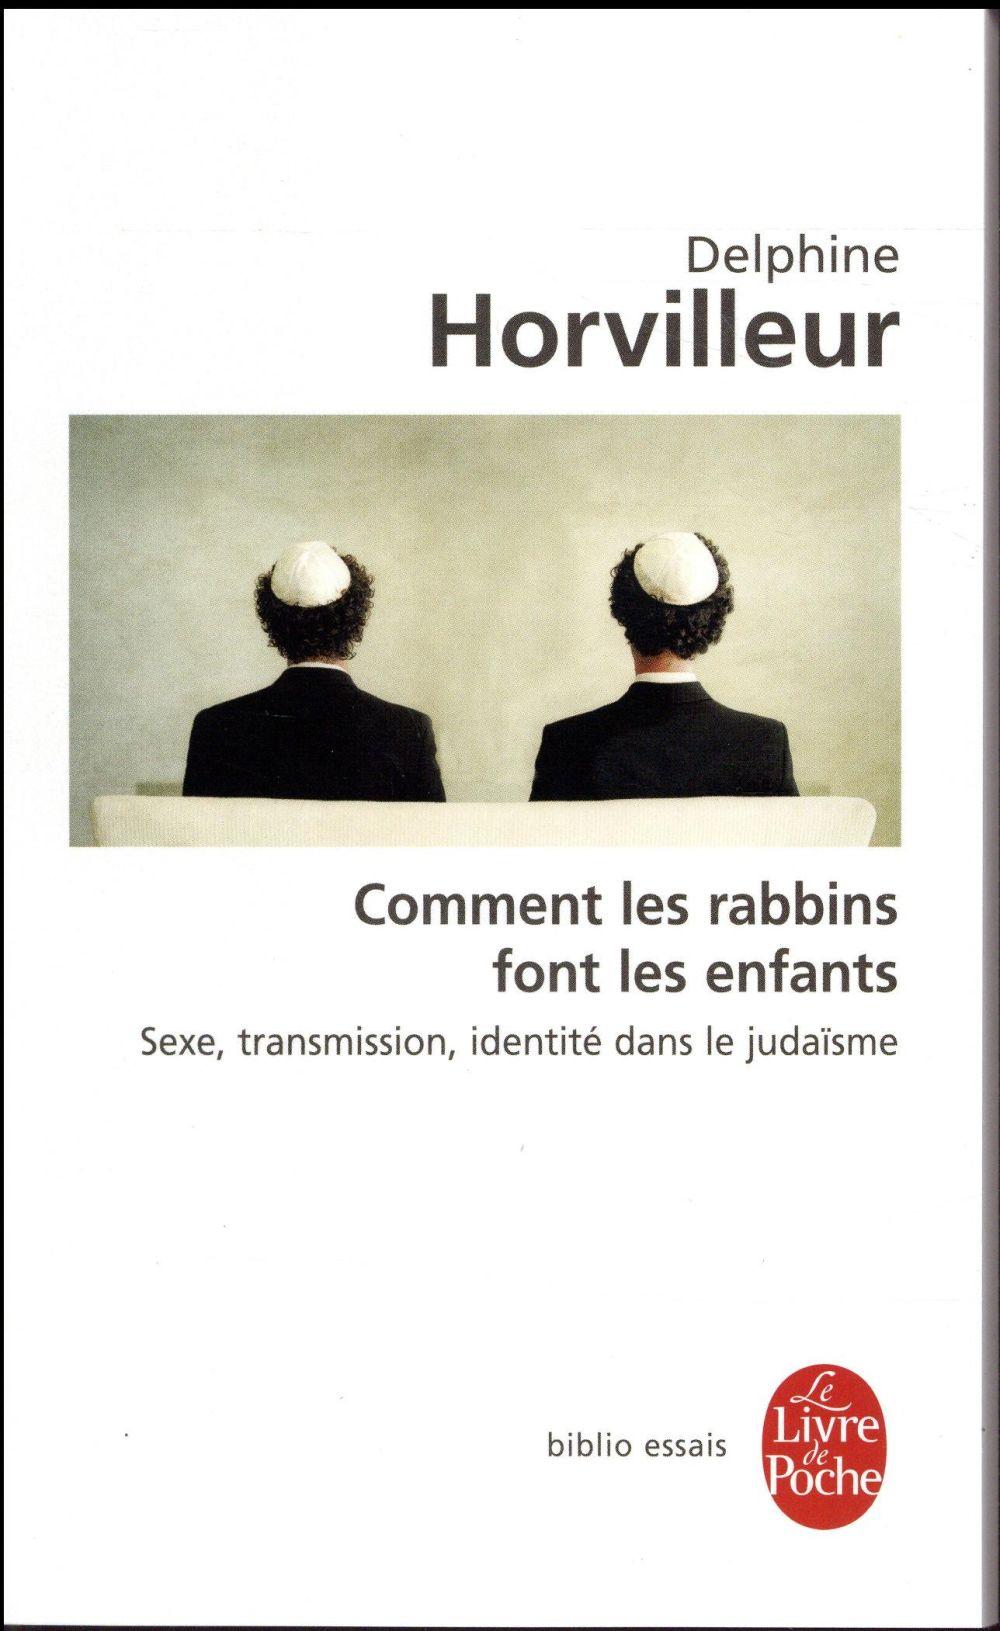 COMMENT LES RABBINS FONT-ILS L HORVILLEUR DELPHINE LGF